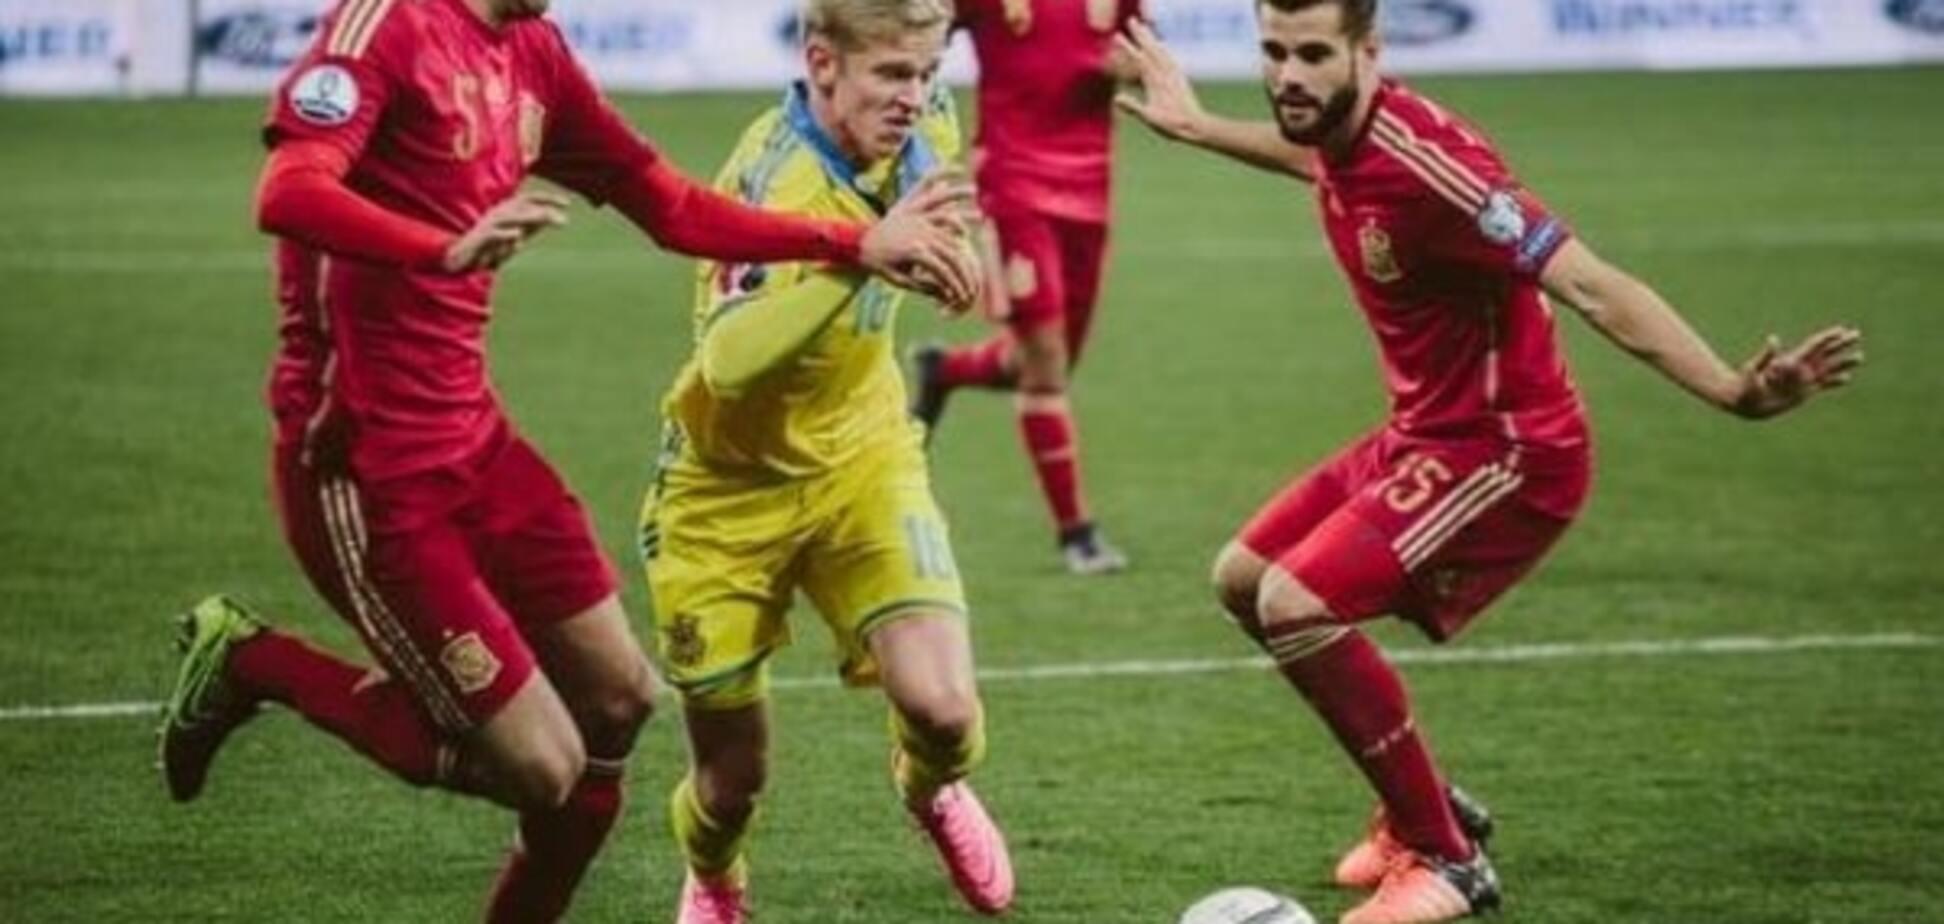 ФІФА може дискваліфікувати сенсаційного дебютанта збірної України